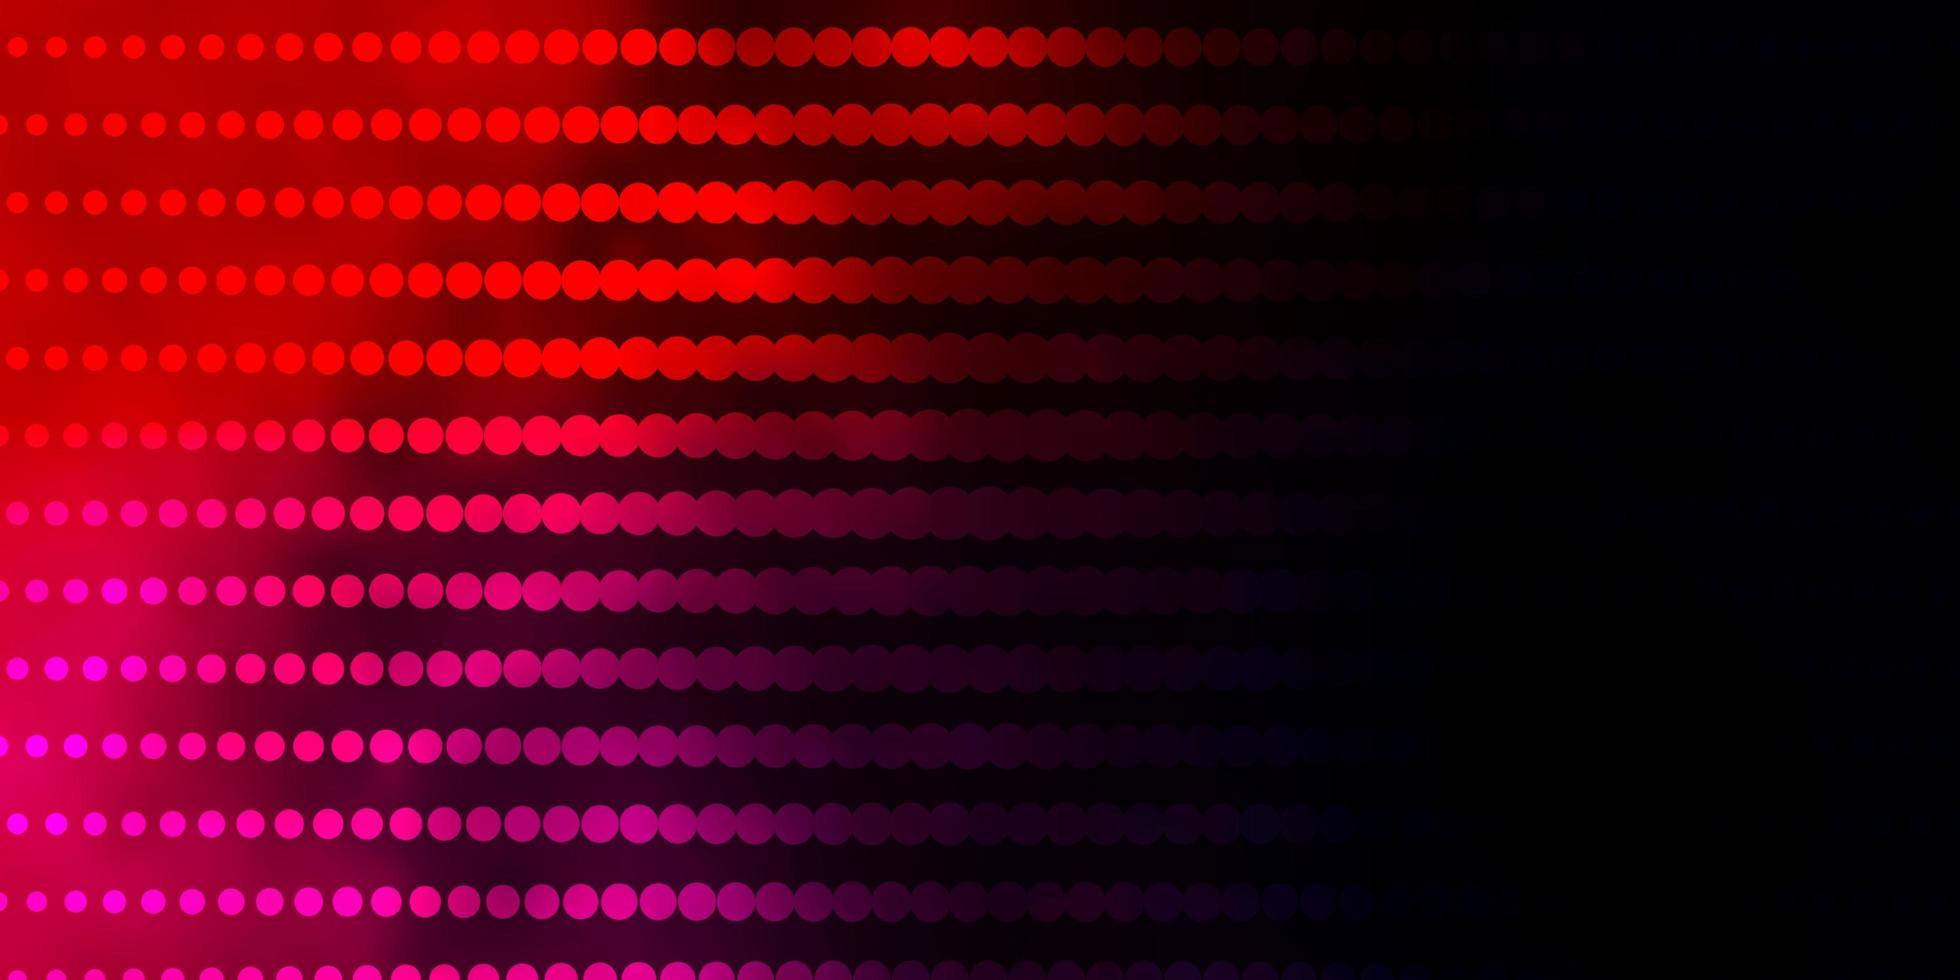 modelo de vetor azul escuro, vermelho com círculos.